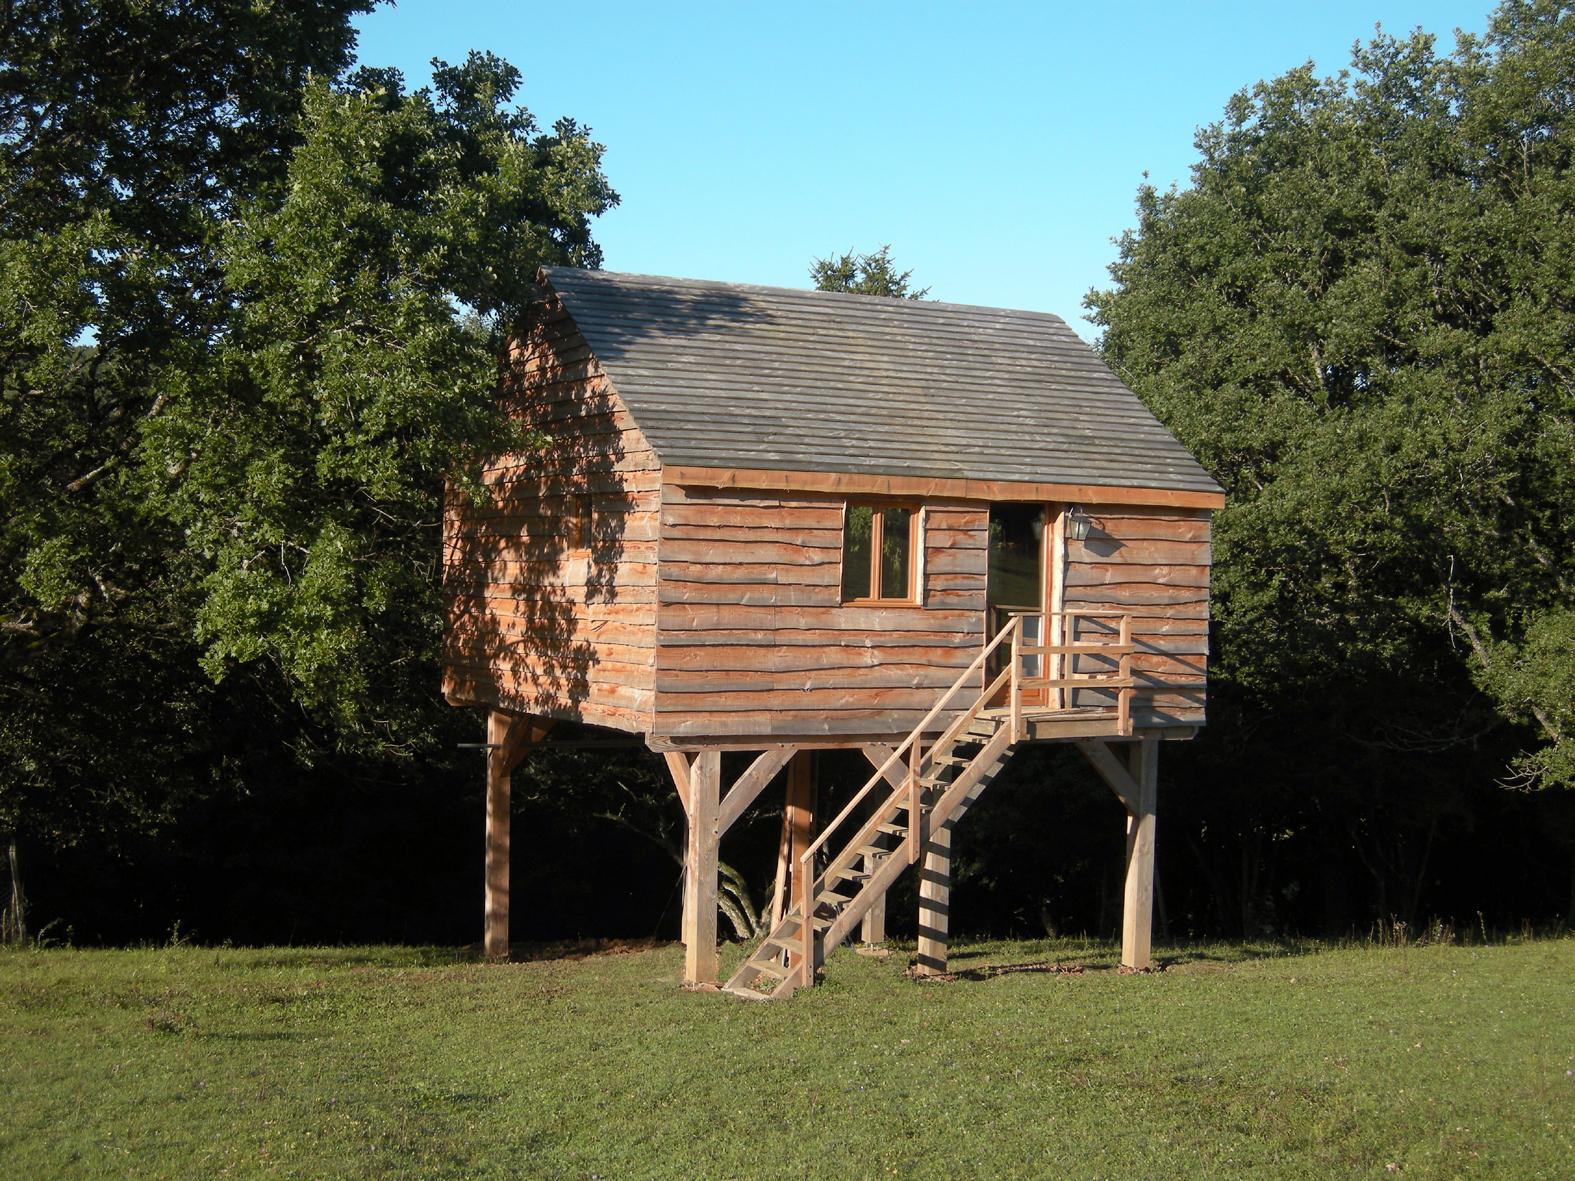 Cabane-Famille-Salle de bain et douche-Vue sur la campagne-Cabane perchée  - Tarif de base